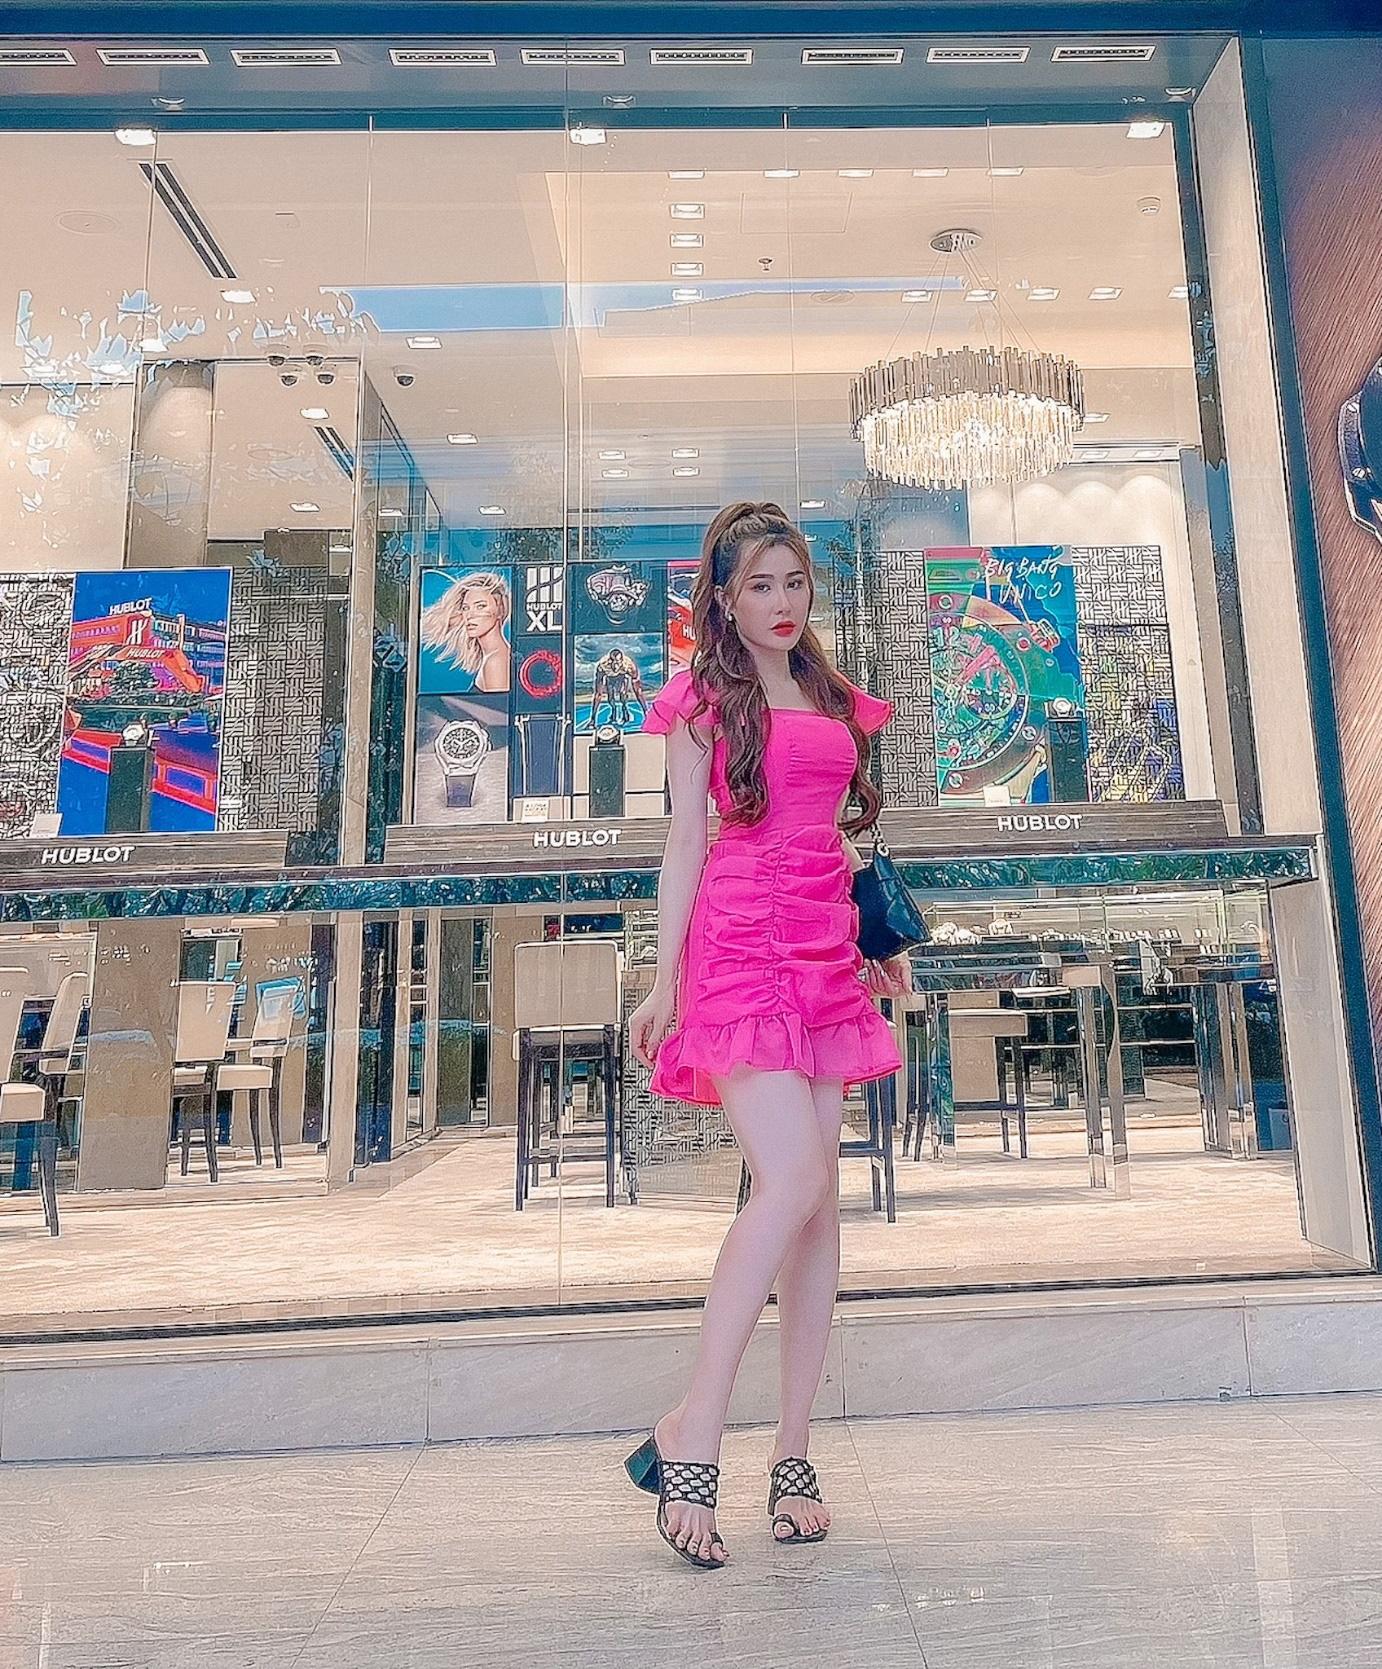 Thiên Kim Boutique - Điểm đến đáng lưu tâm cho các tín đồ thời trang - Ảnh 1.